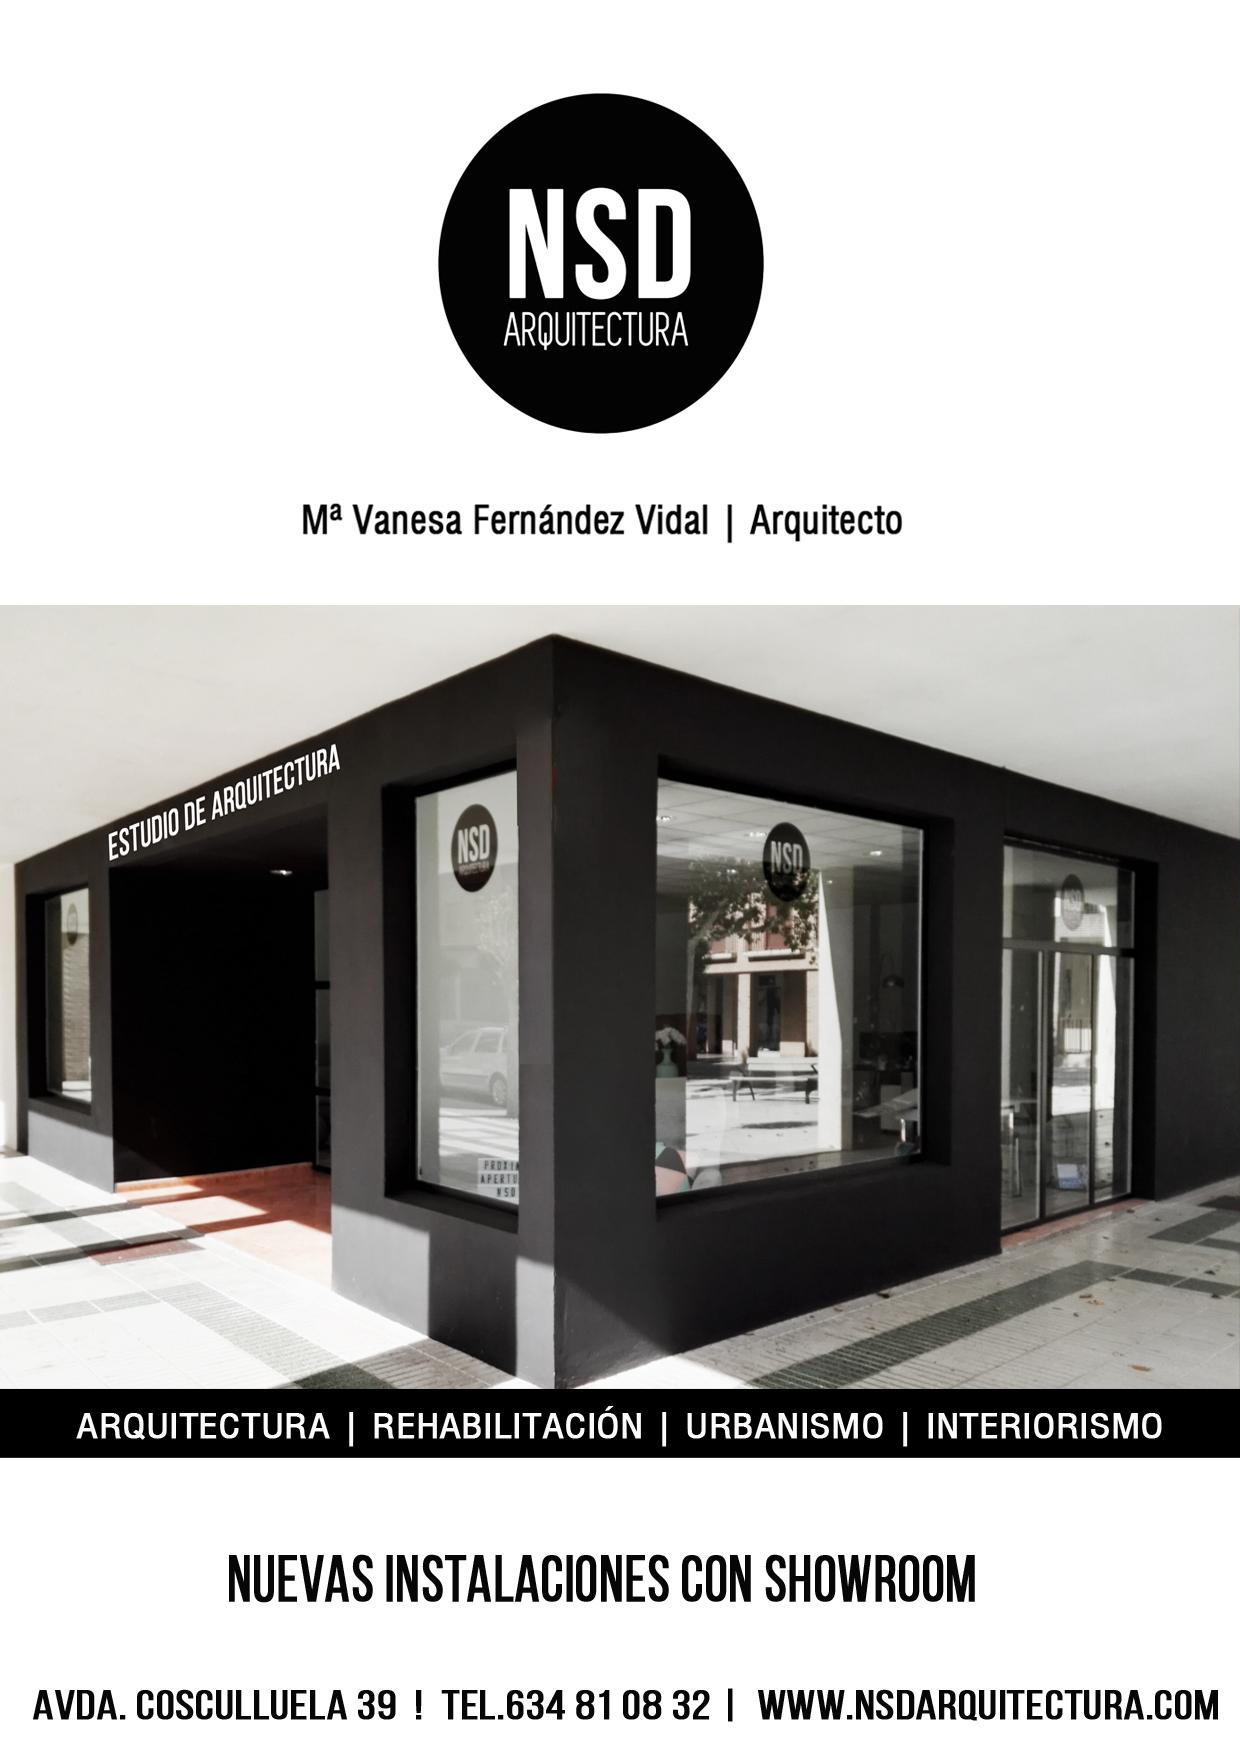 Nsd Arquitectura | Interiorismo